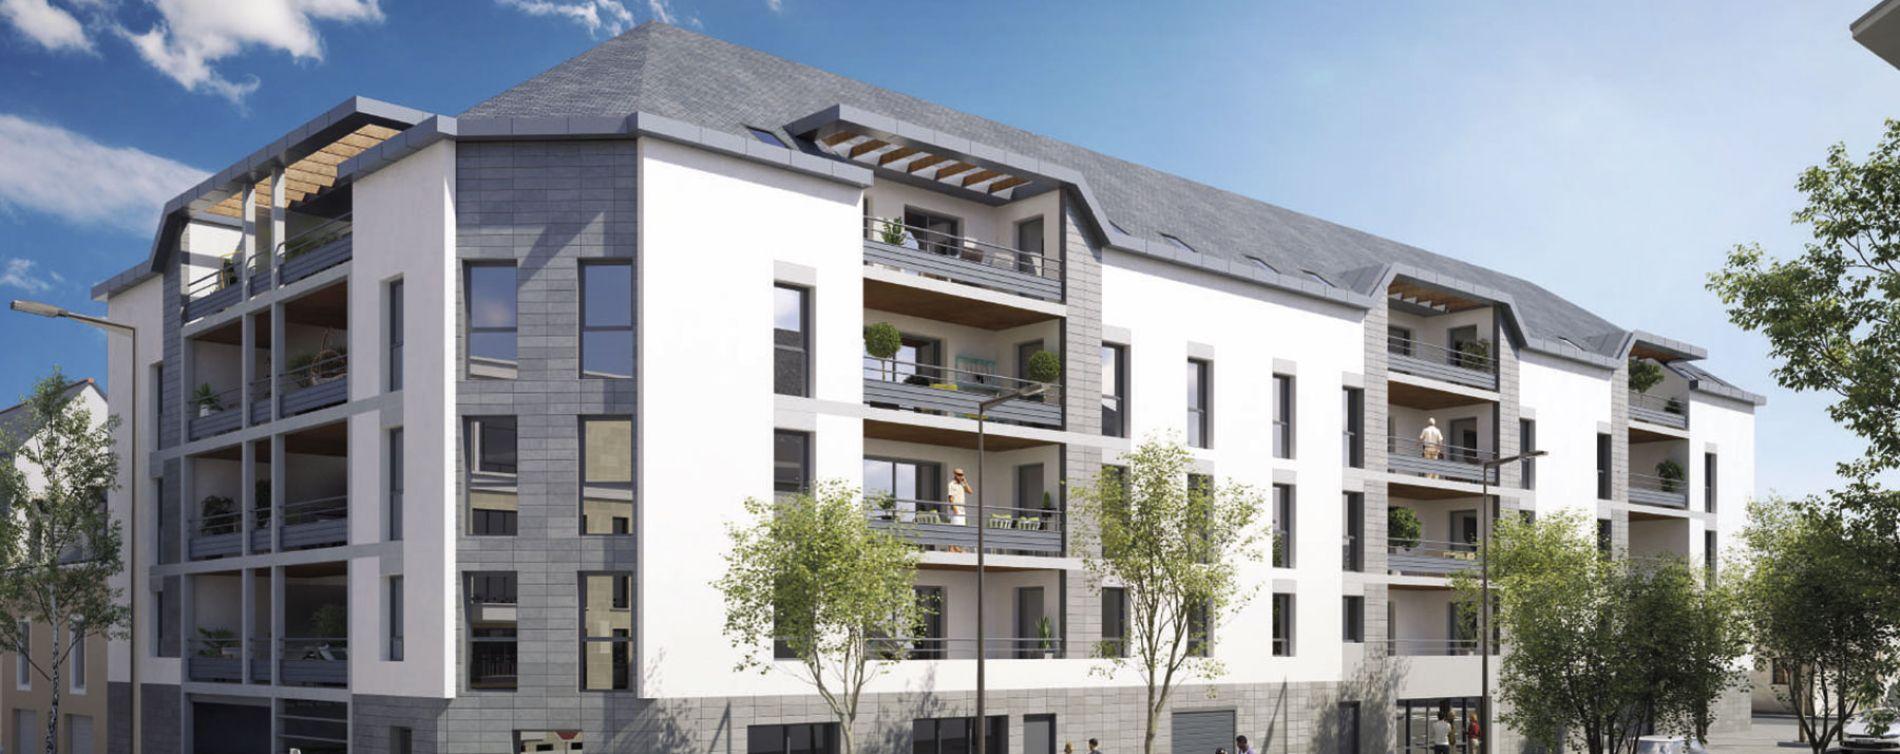 Angers : programme immobilier neuve « Ney'Sens » en Loi Pinel